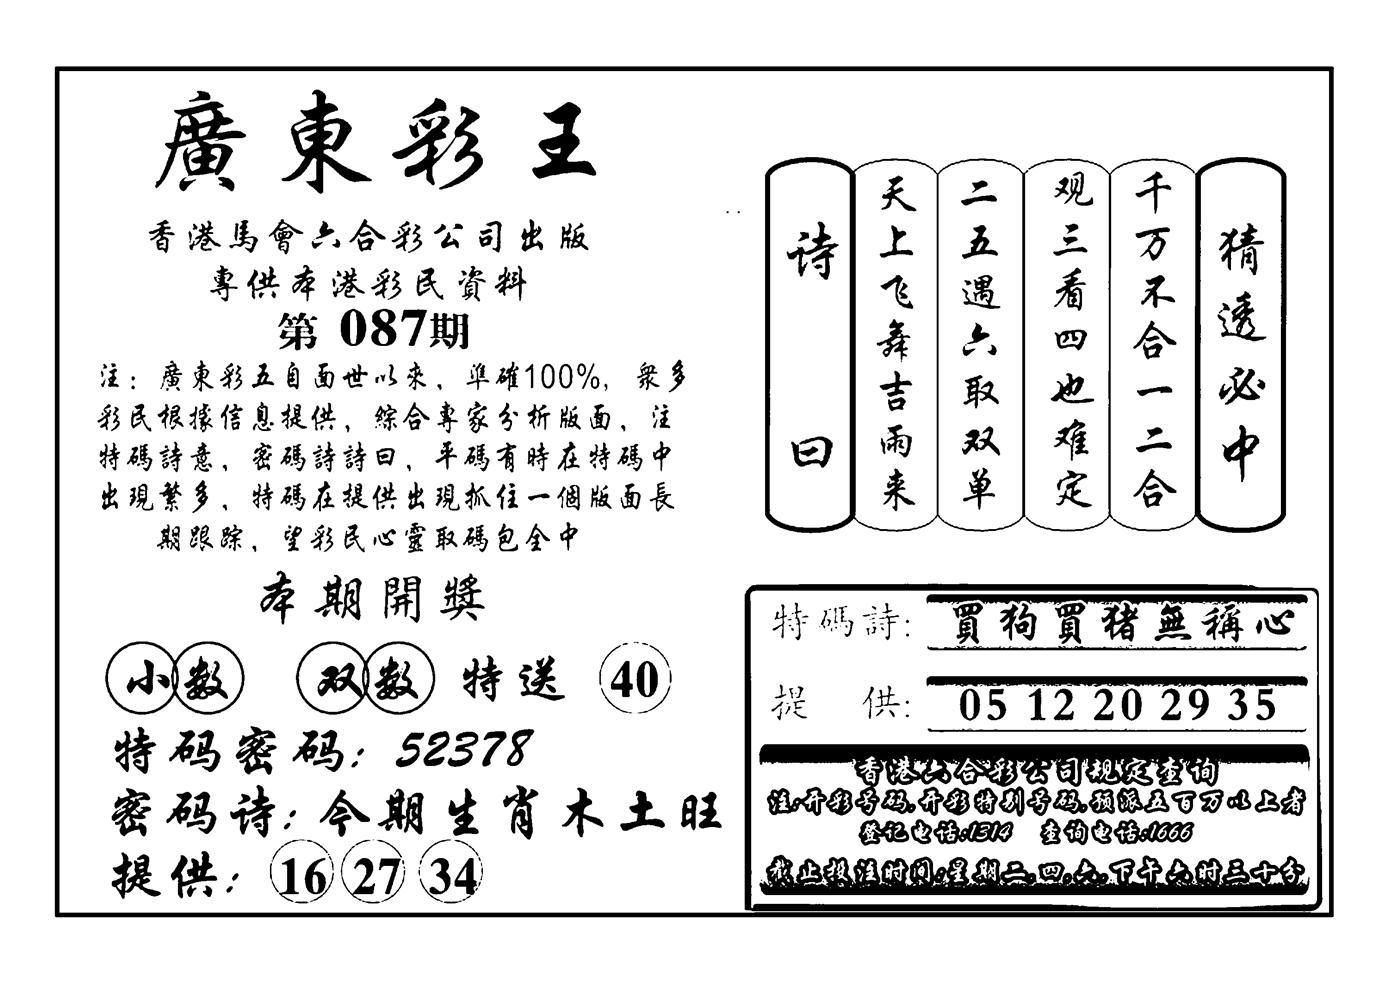 087期广东彩王(黑白)